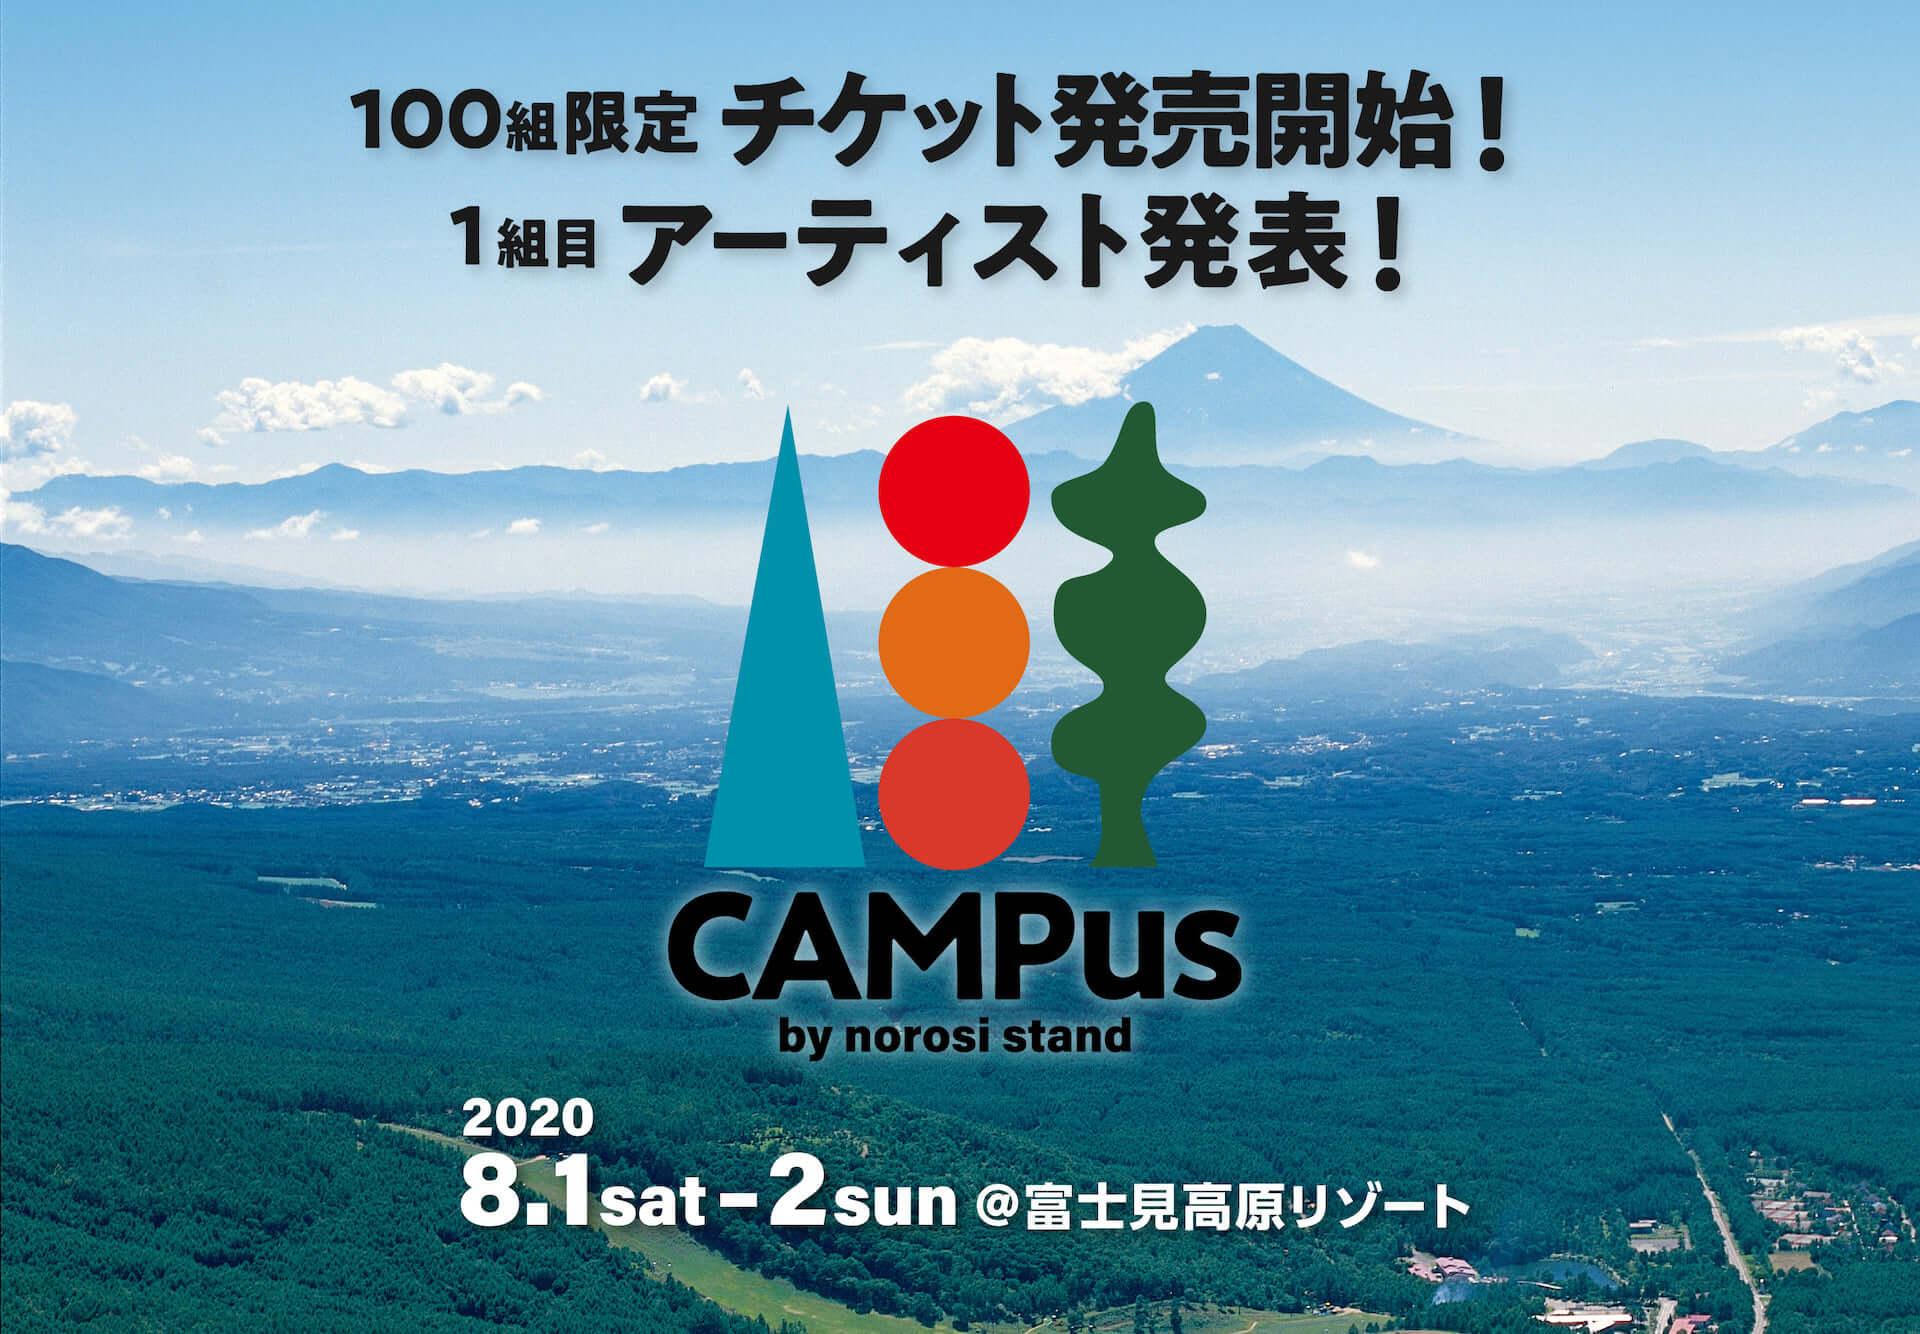 新しいキャンプイベント<CAMPus>の100組限定のチケット販売がスタート!T字路sがライブアーティストとして出演決定 ac200630_campus_ticket_01-1920x1334